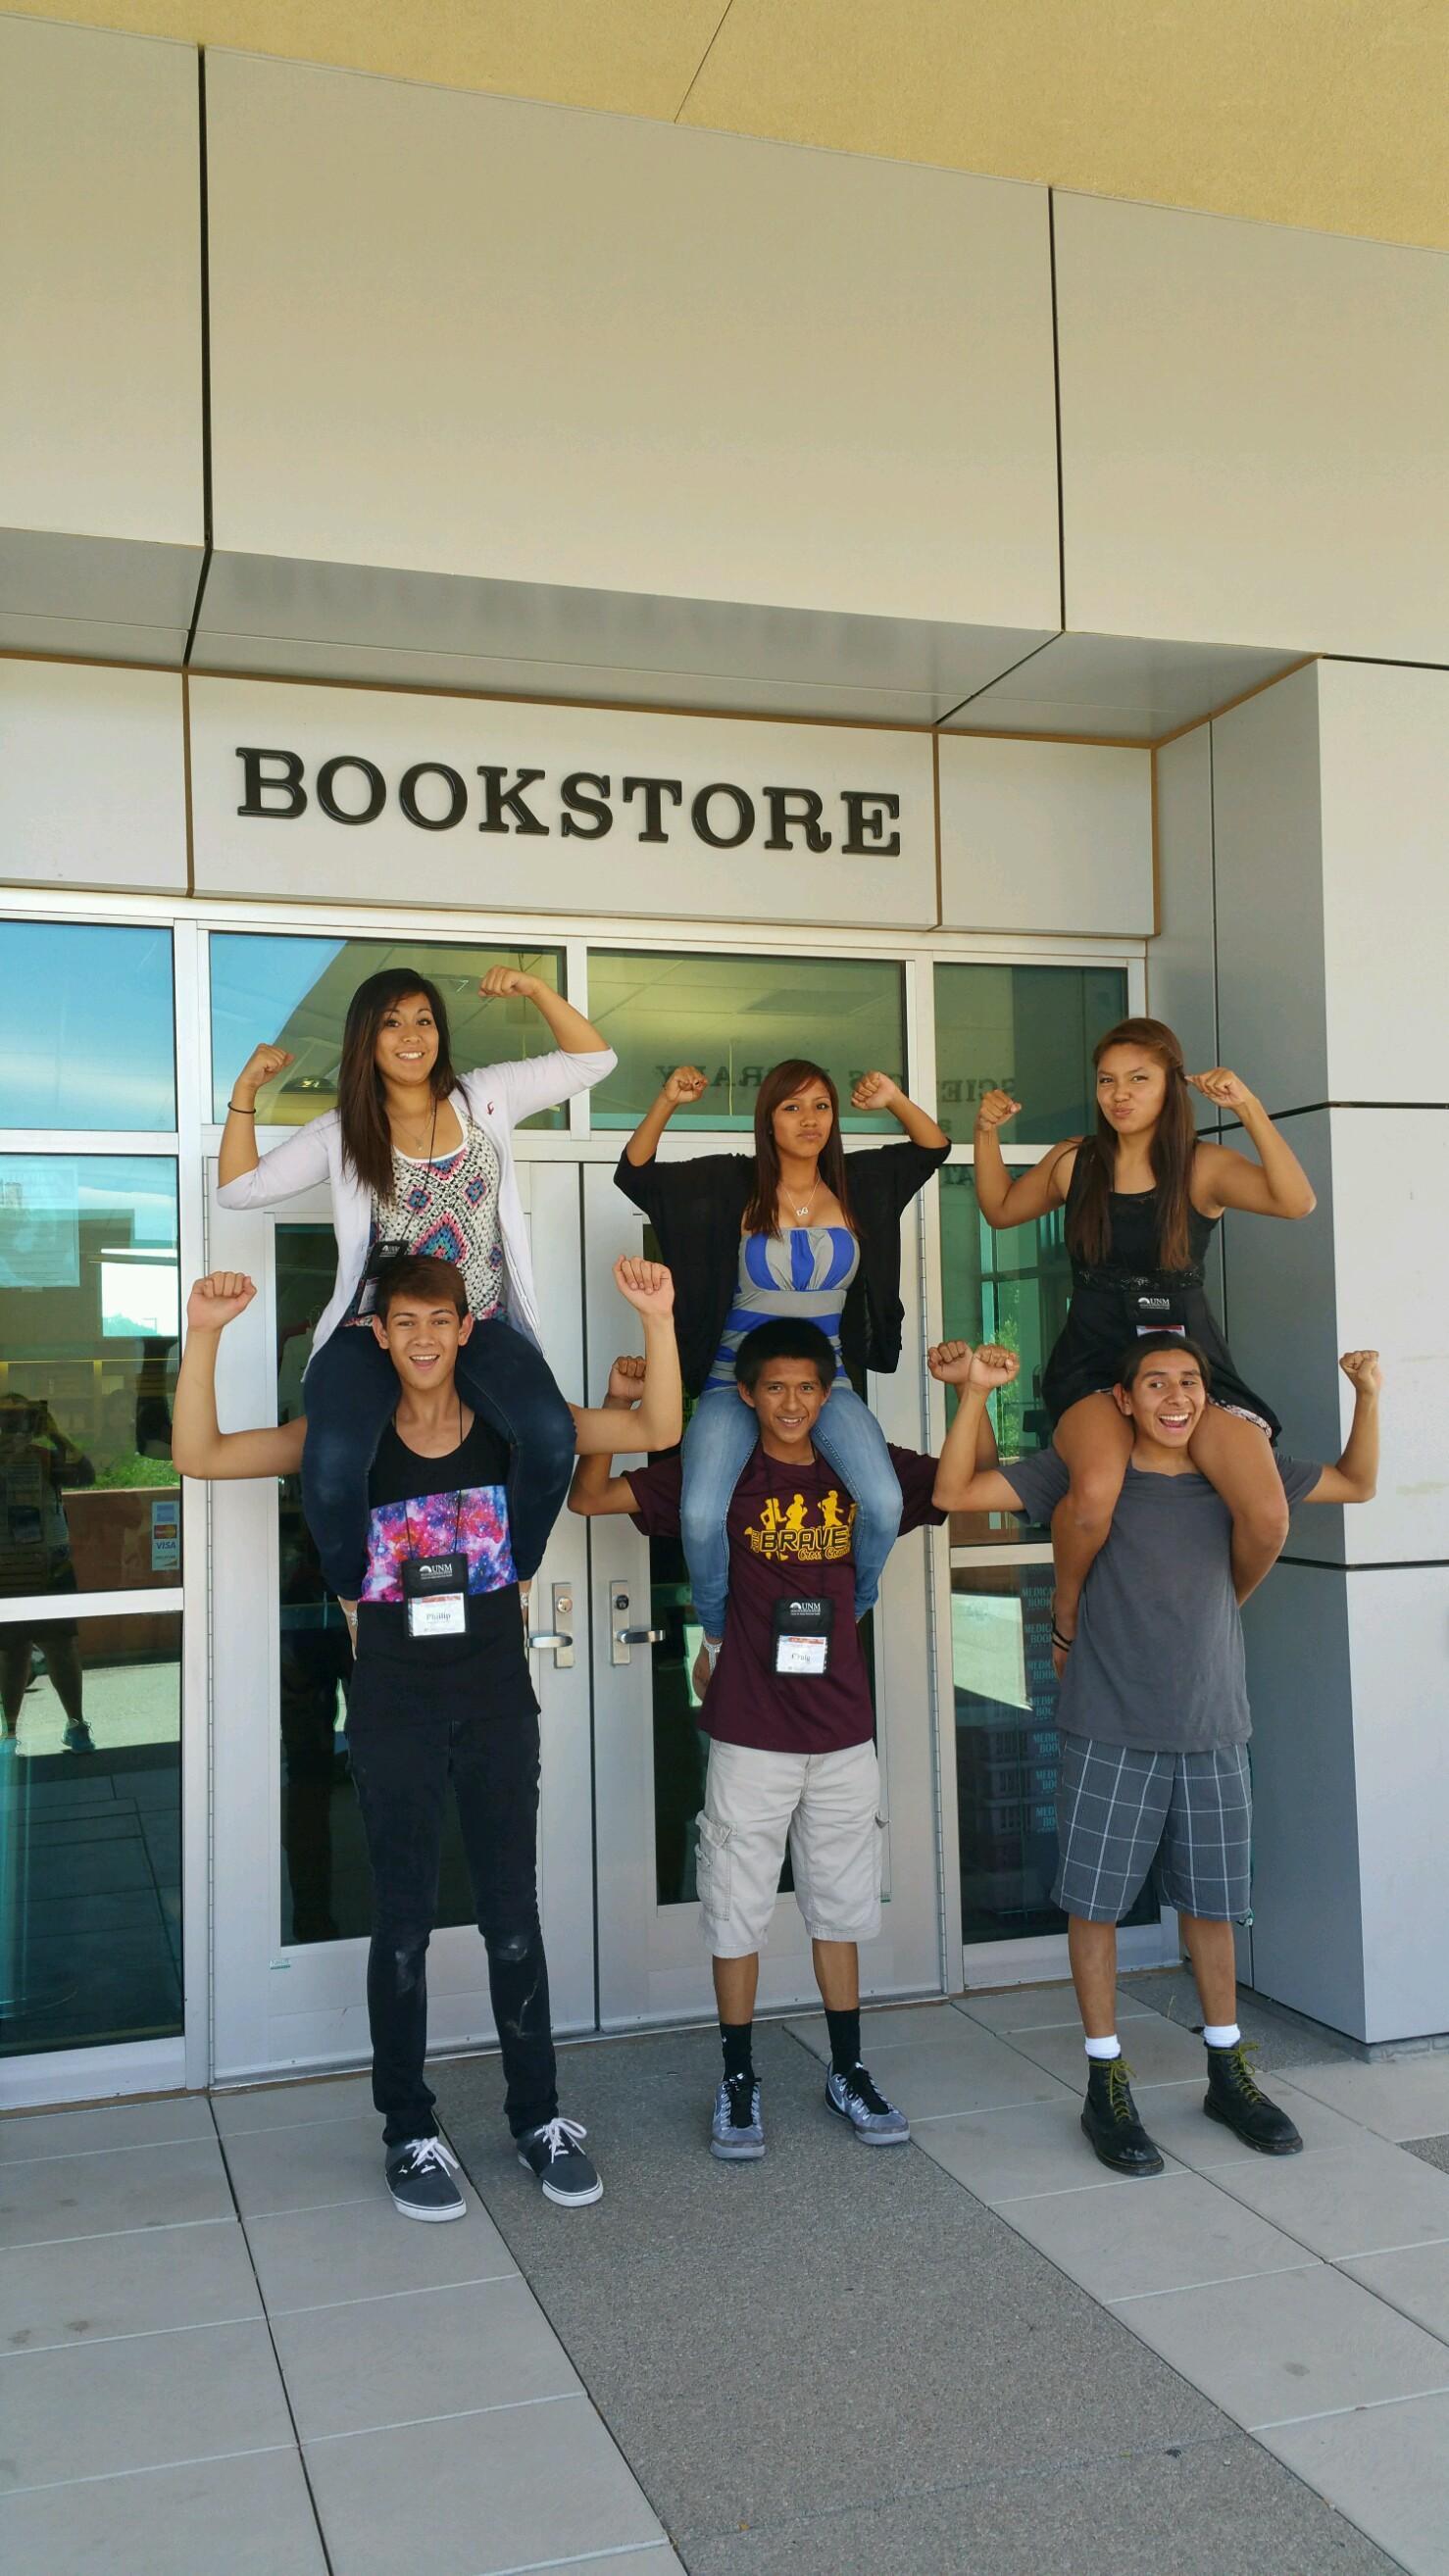 Étudiants postant à l'extérieur de la librairie.